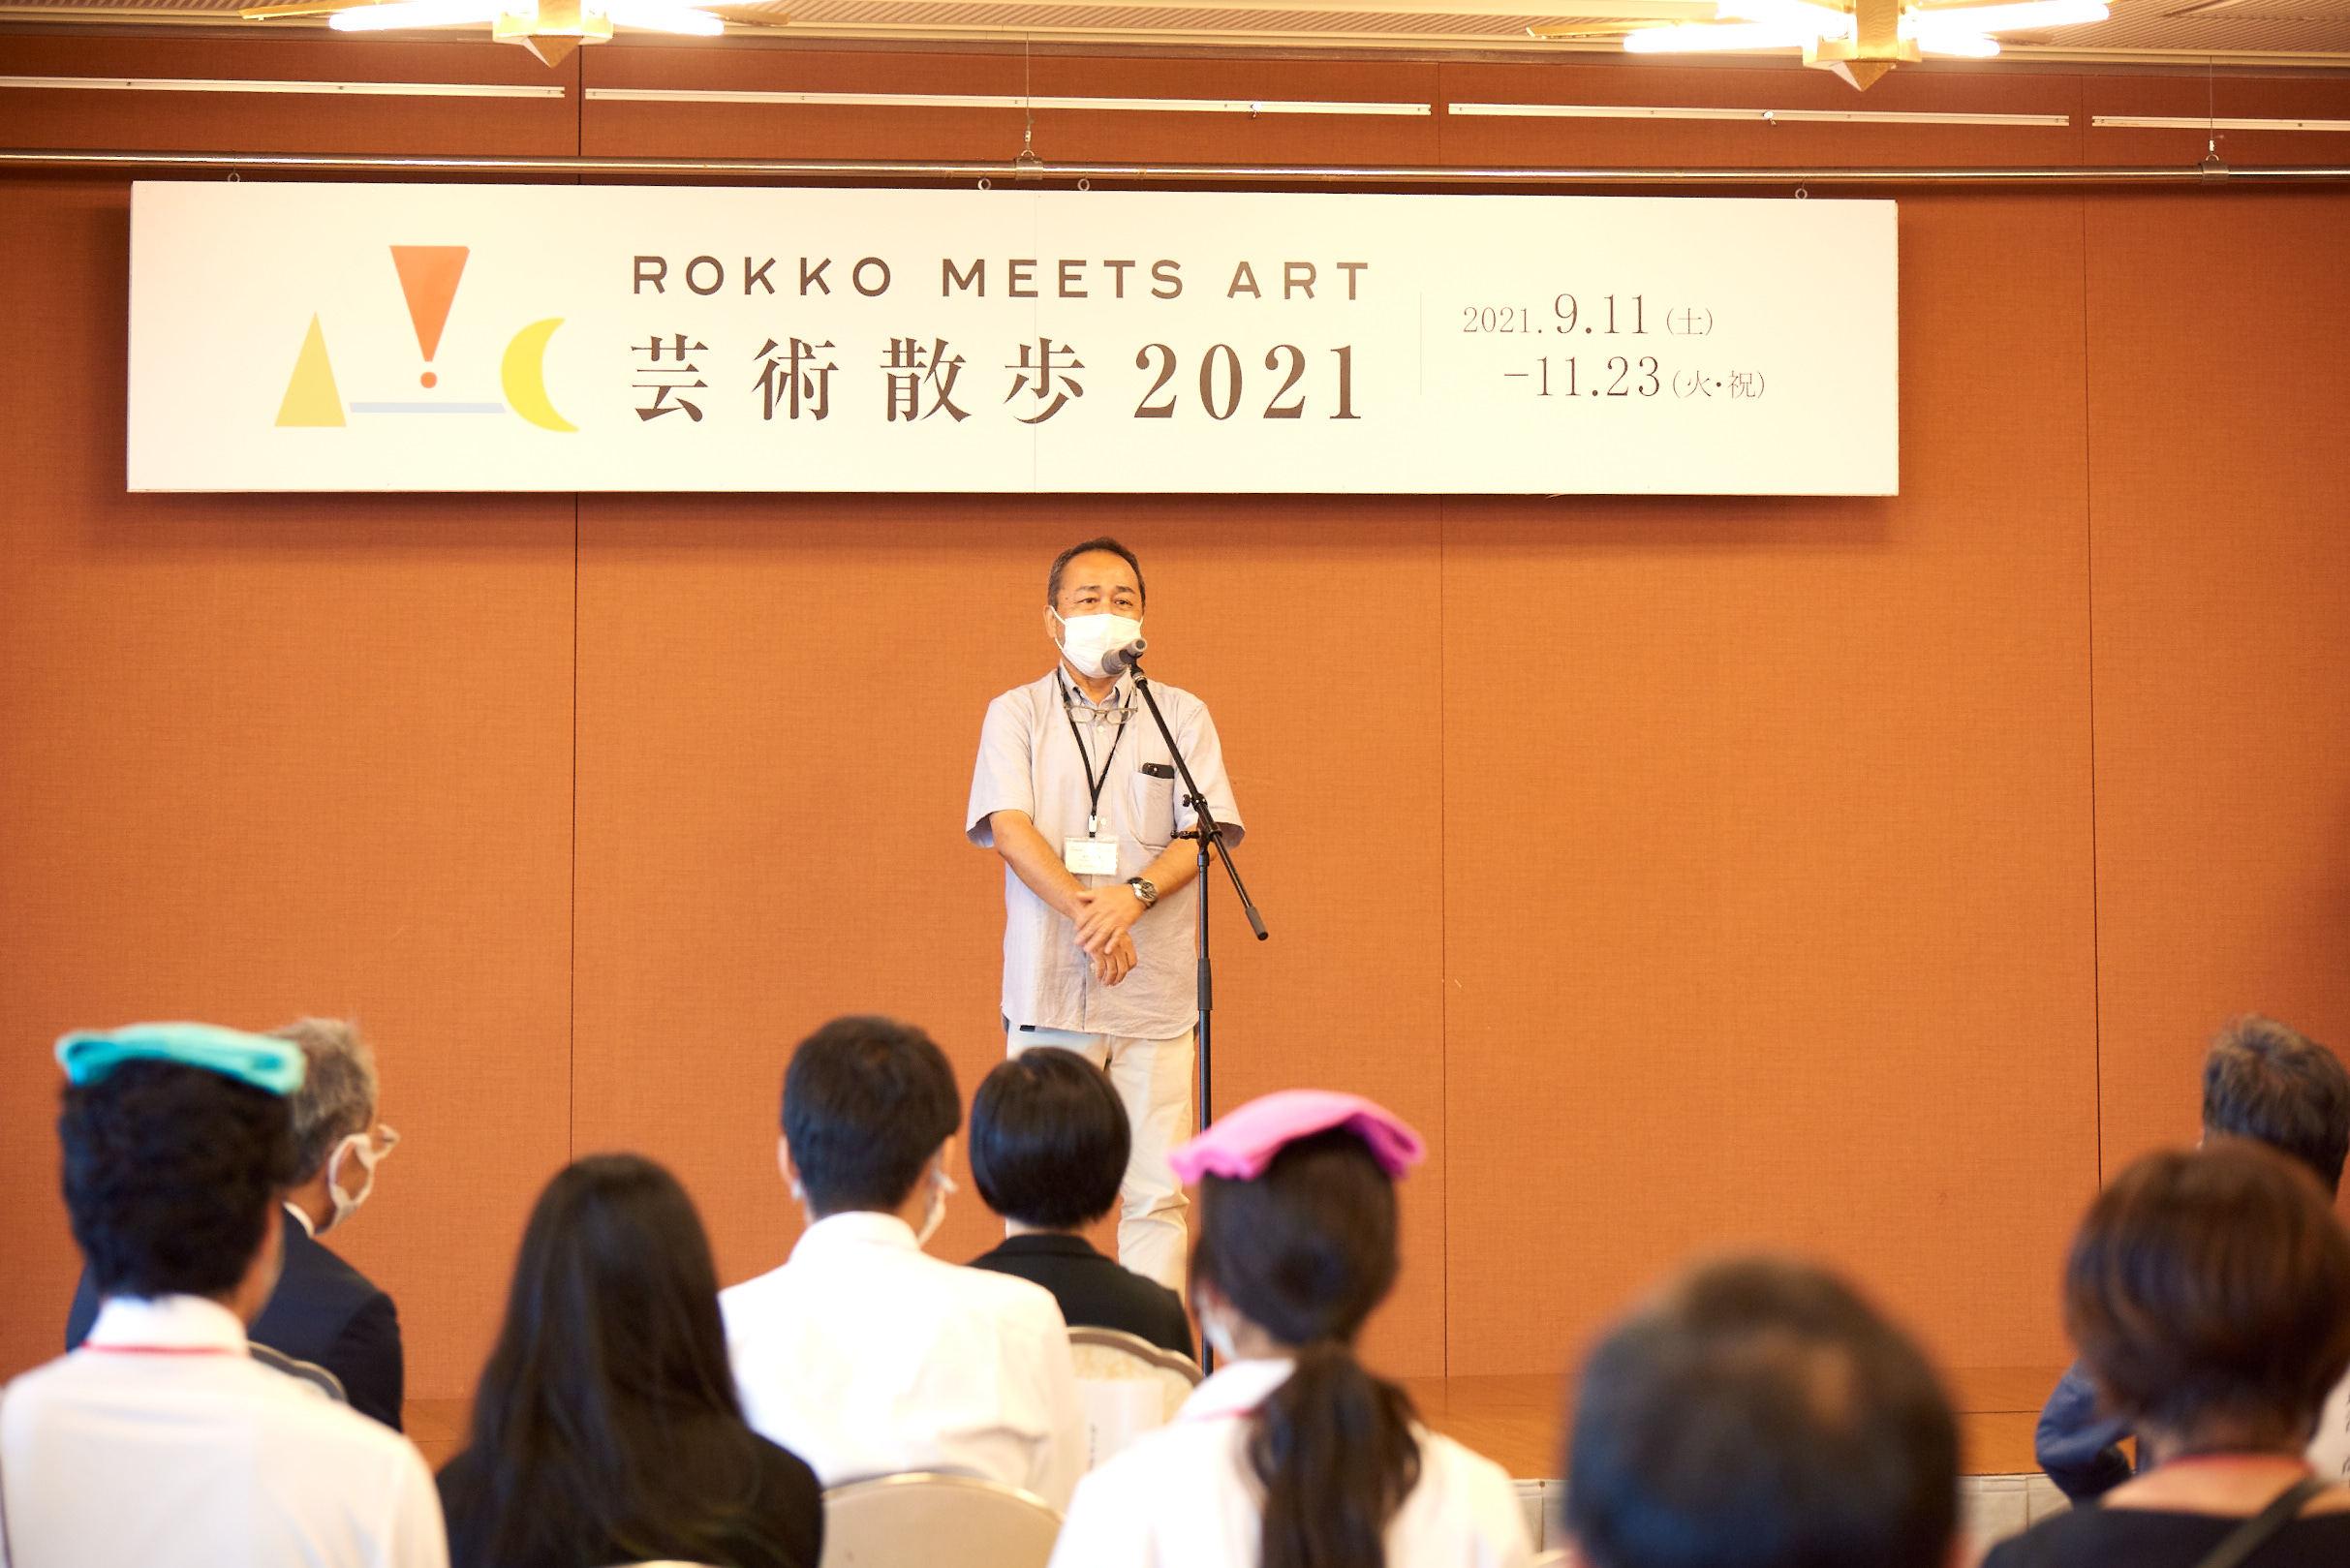 『六甲ミーツ・アート芸術散歩 2021』